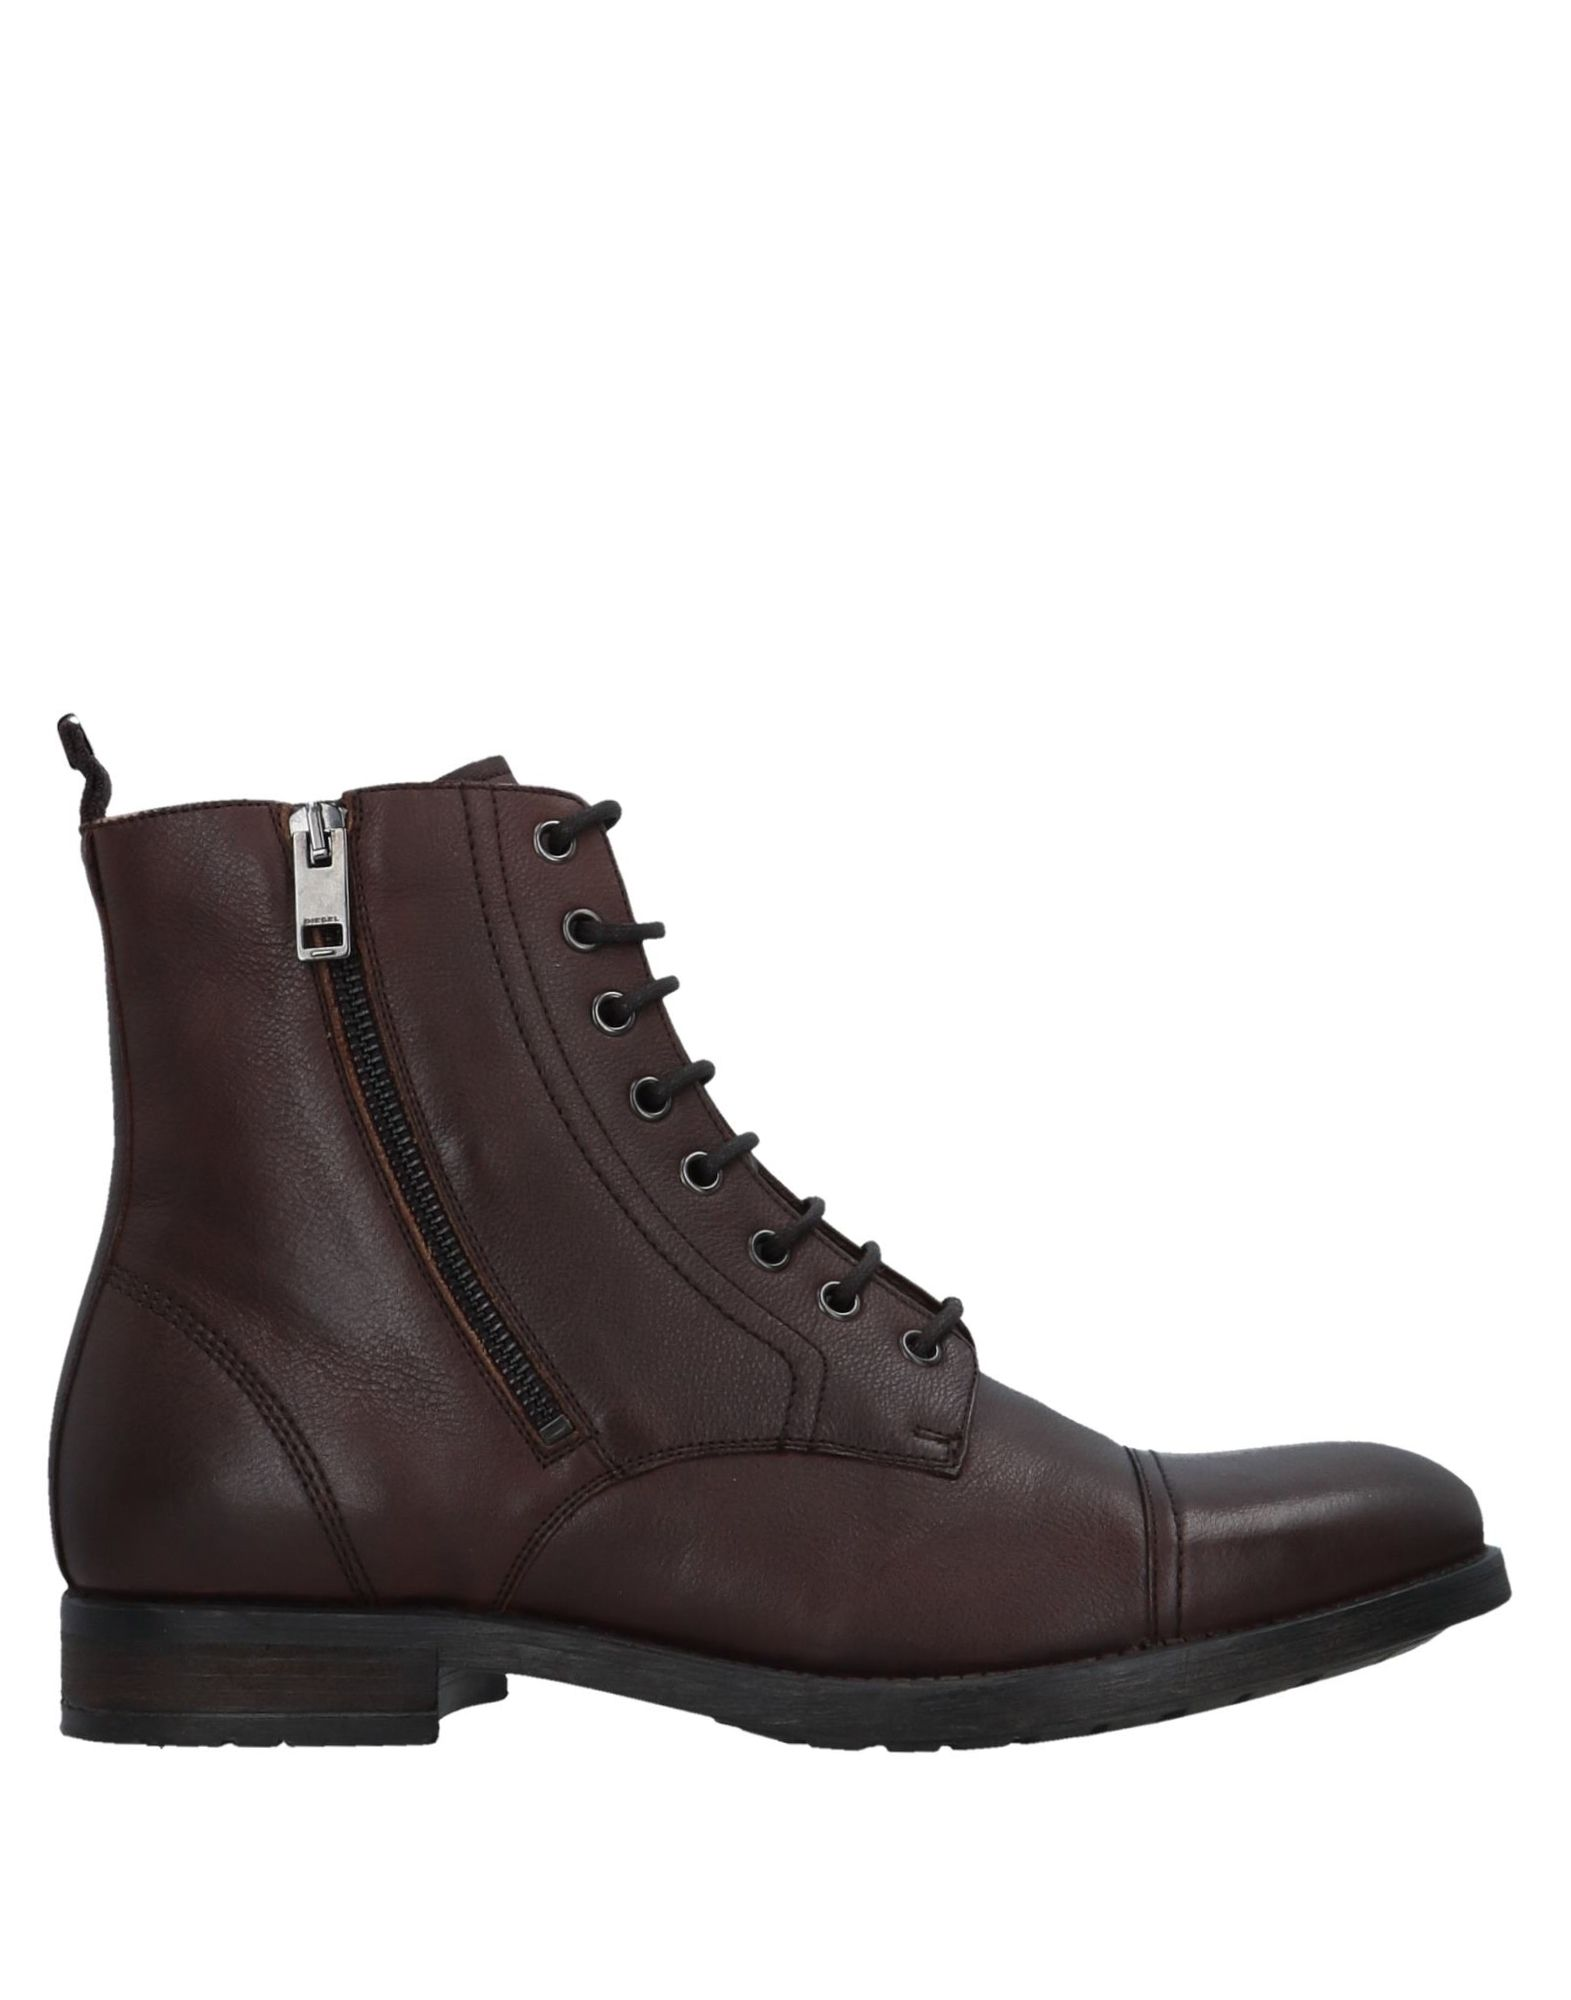 Diesel Stiefelette Herren  11534575BF Gute Qualität beliebte Schuhe